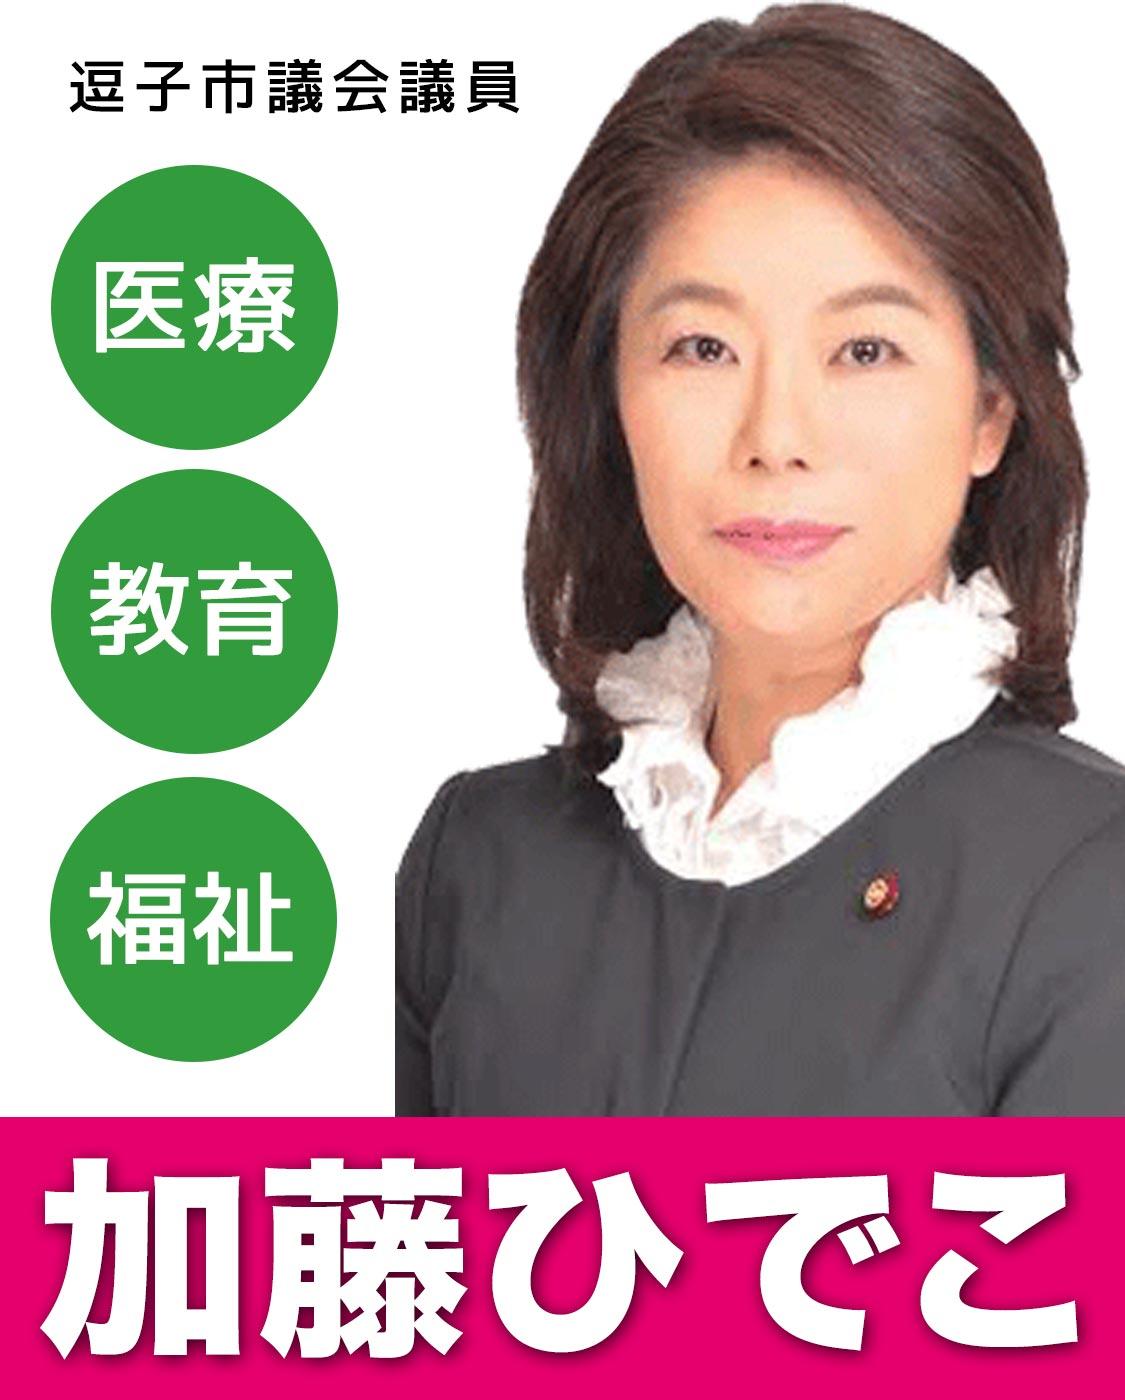 逗子市議会議員 選挙 加藤ひでこ公式ページ 立憲民主党